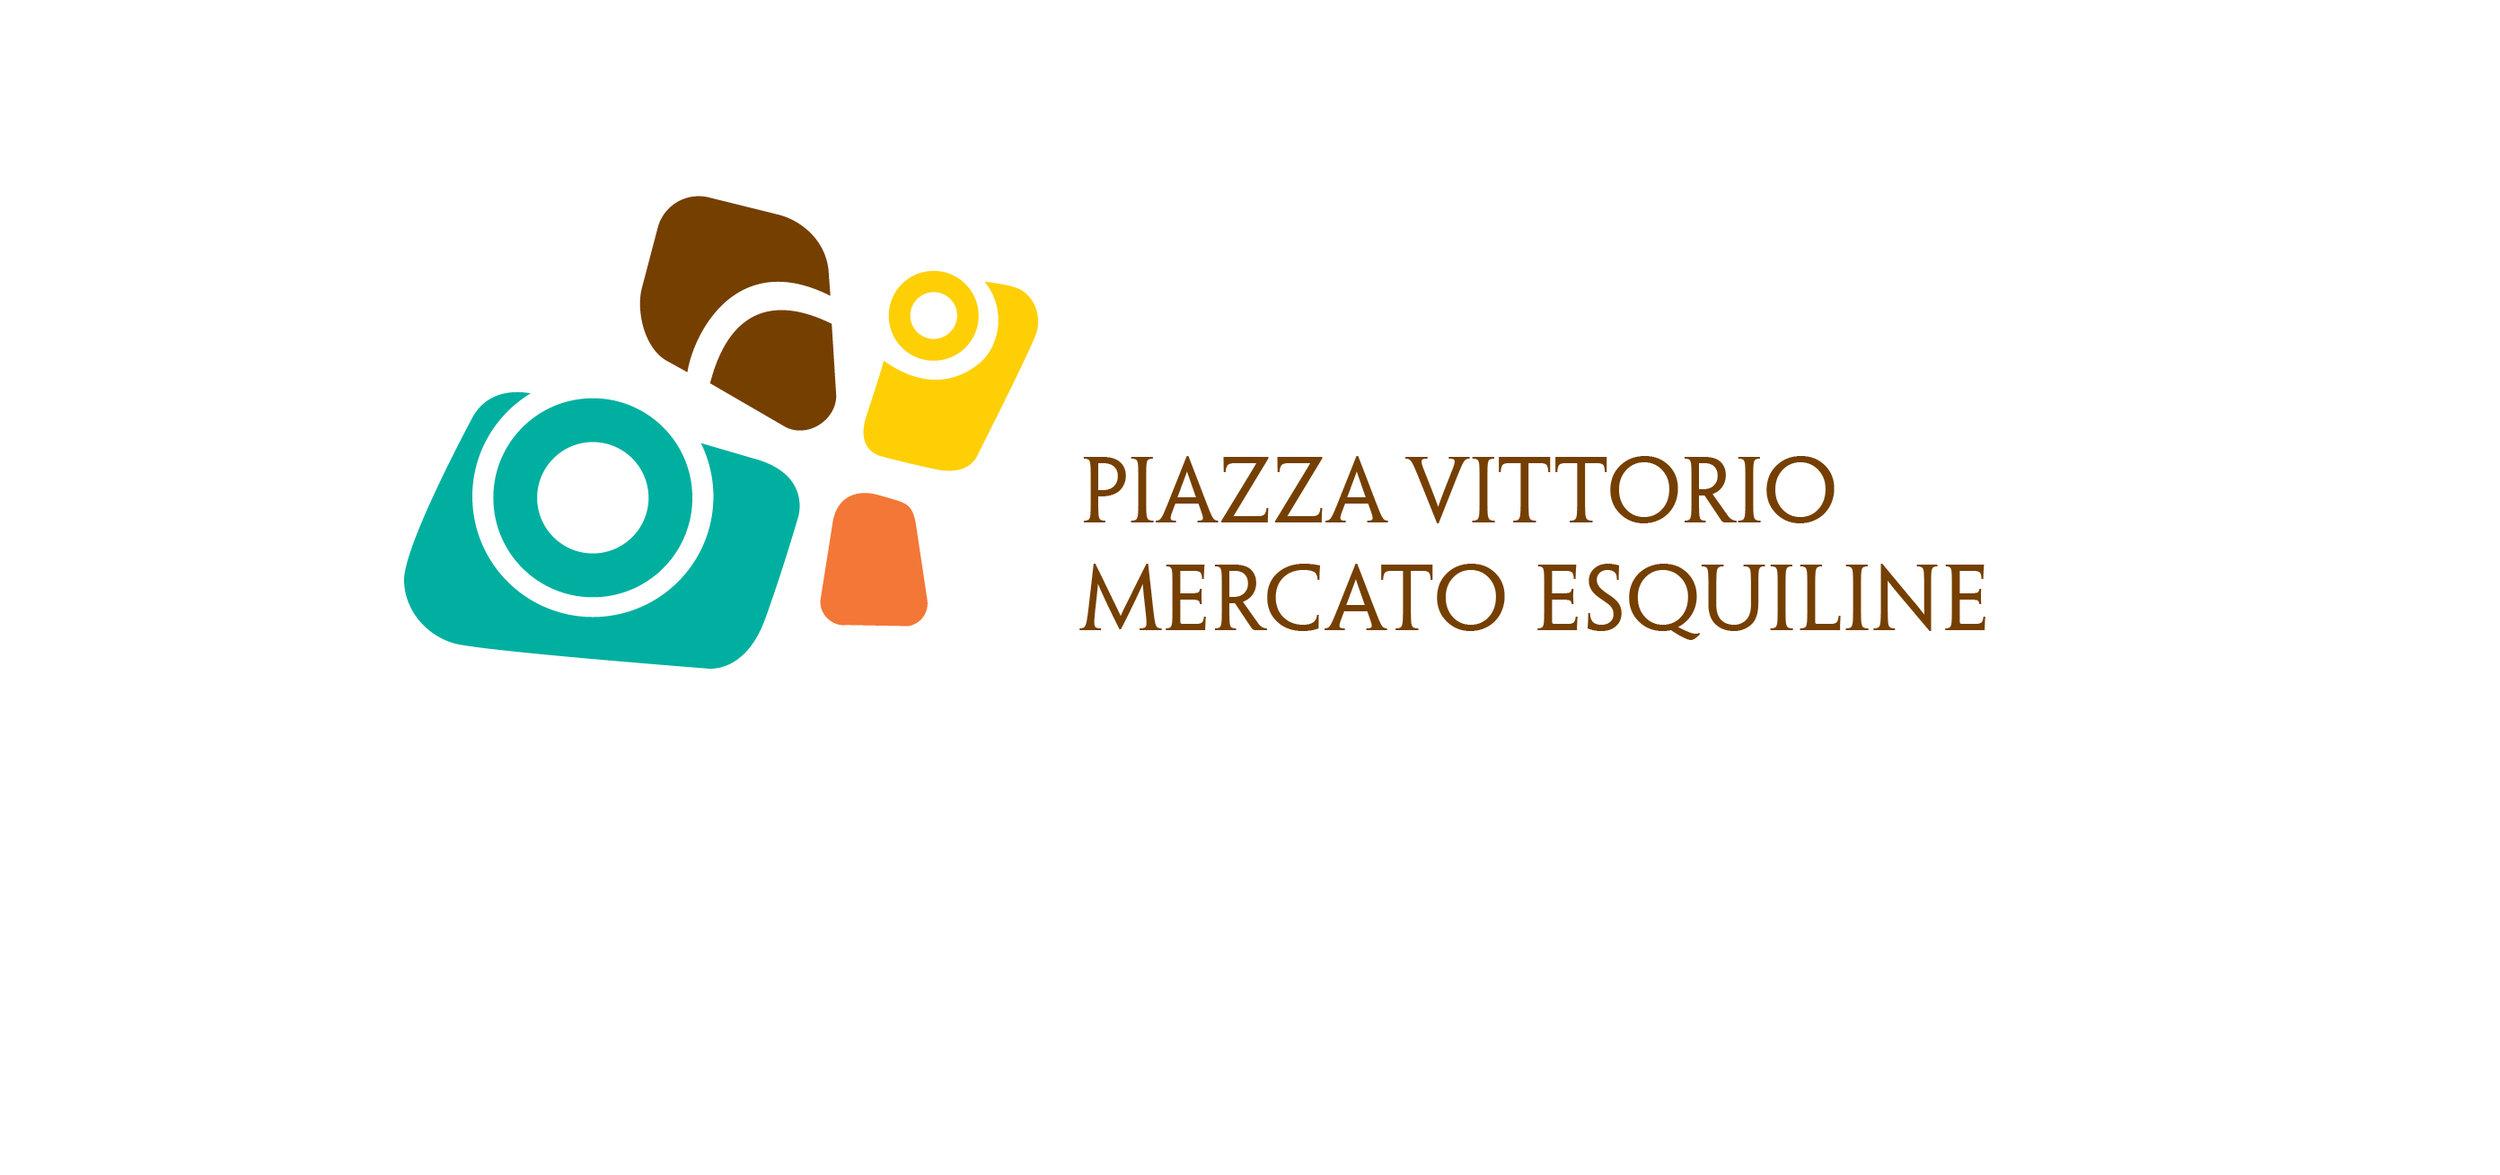 PiazzaVittorio_Logo_V2-02.jpg